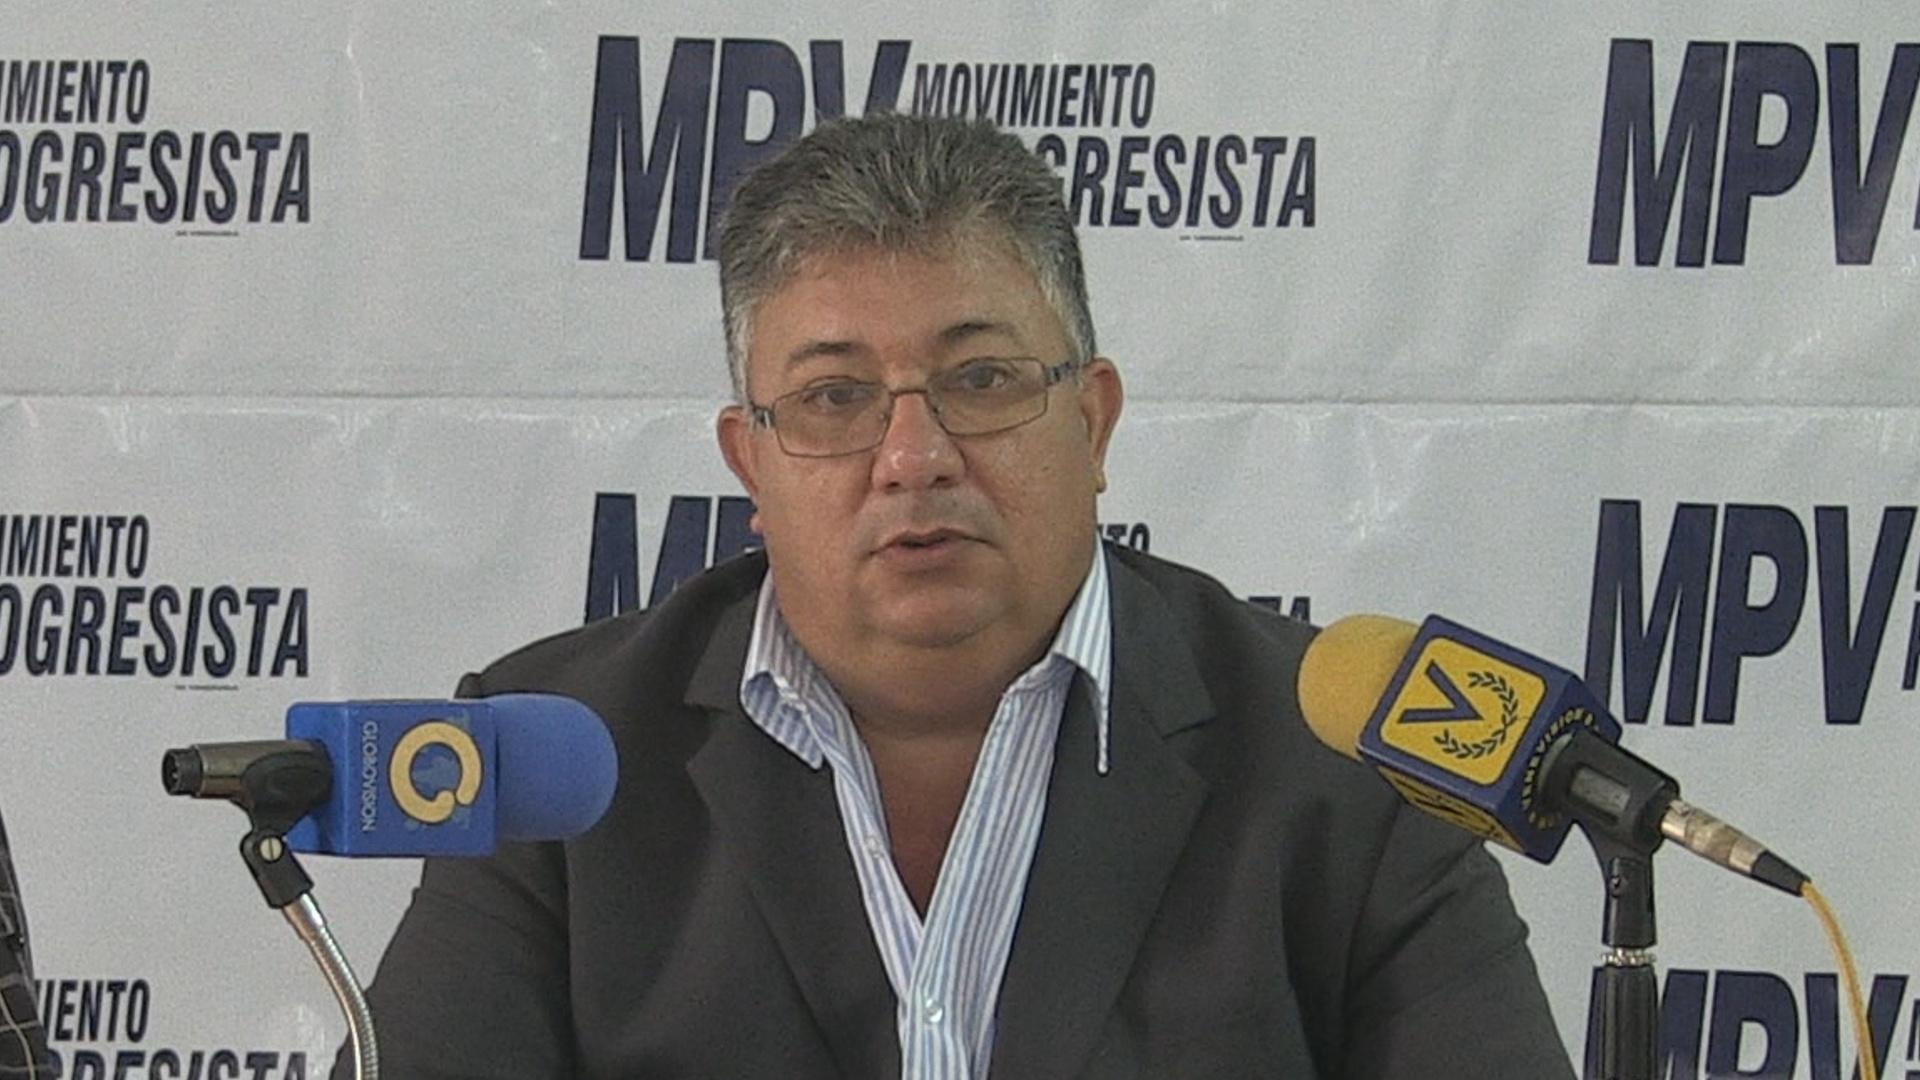 Diputado Pirela envía carta a la AN por investigación de presenta corrupción